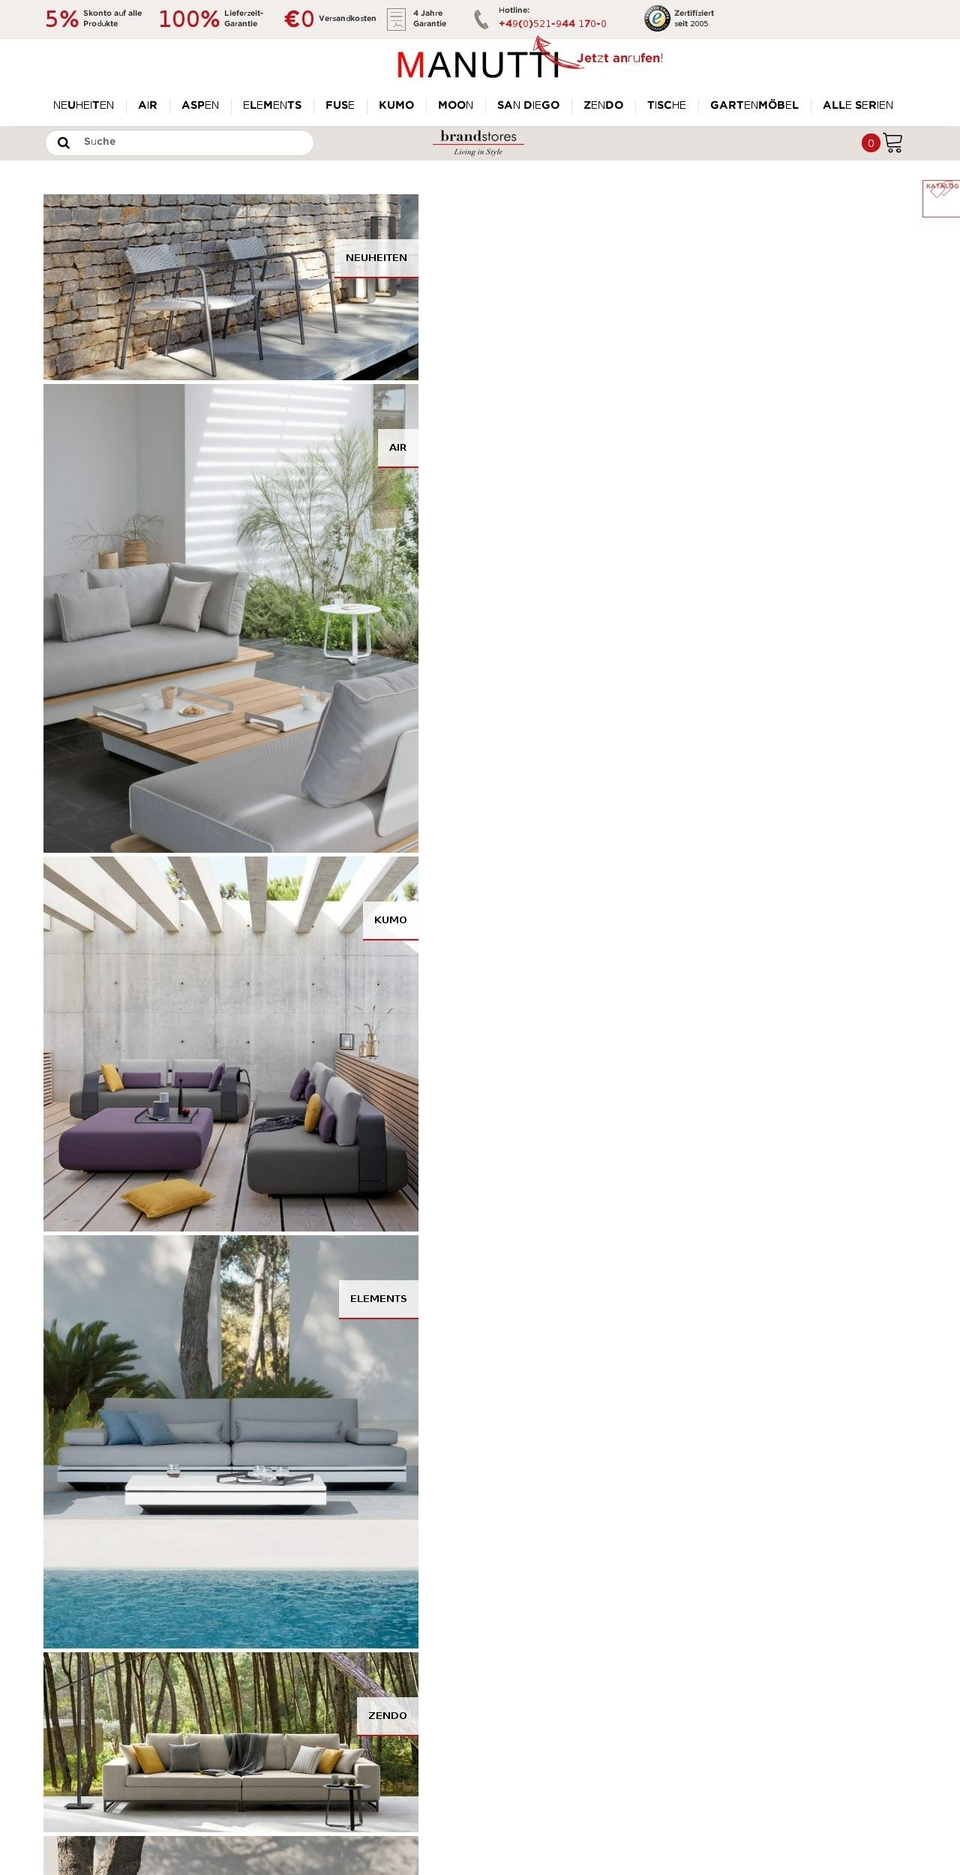 Manutti Gartenmbel. Finest Details Zu Polyrattan Lounge Gartenmbel ...